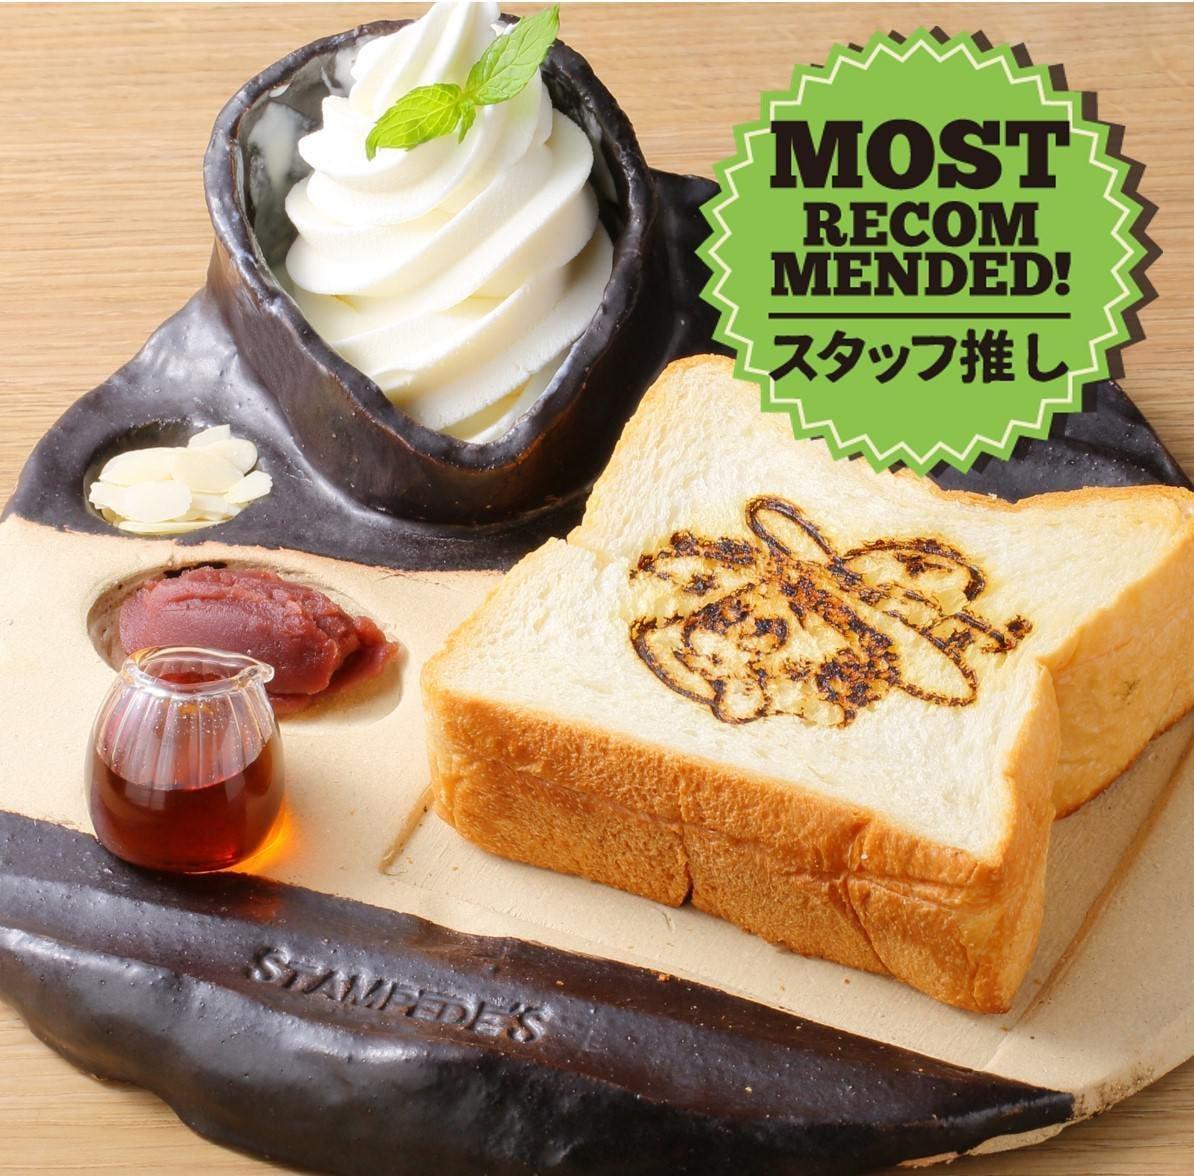 究極ハニートースト!誰もが知ってる高級パンを使用!焼き印◎